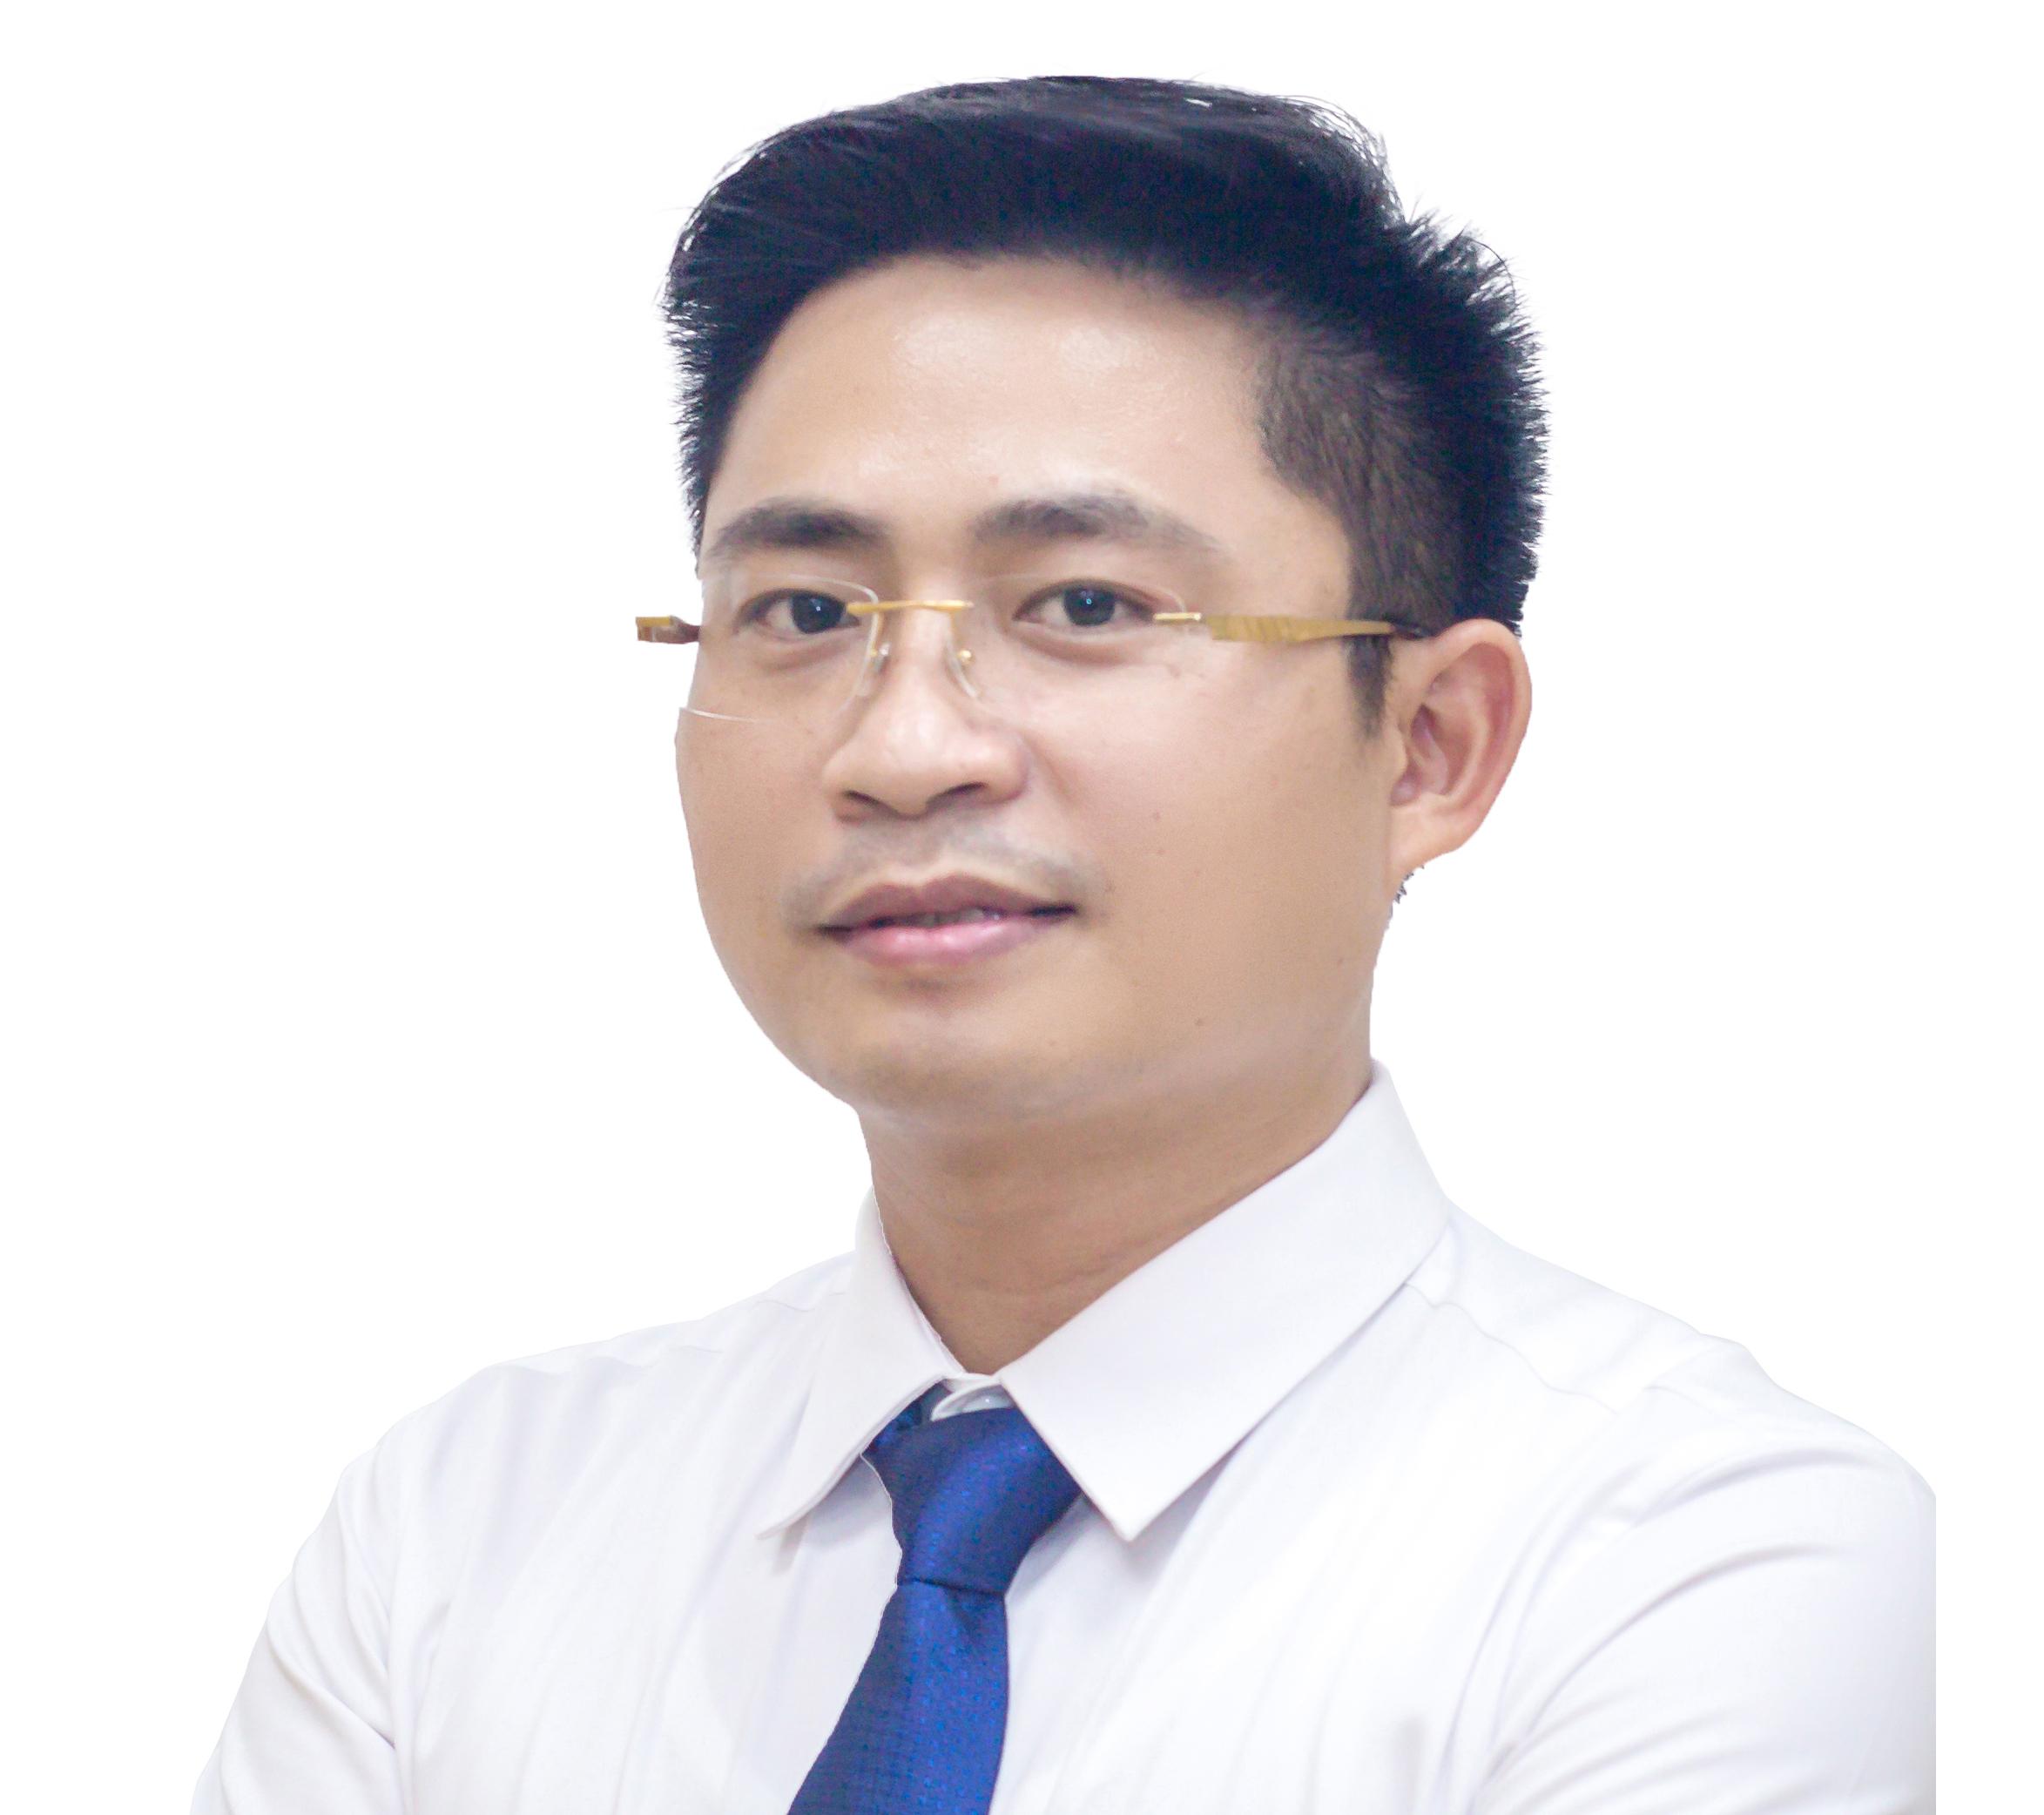 Nguyễn Văn Đừng